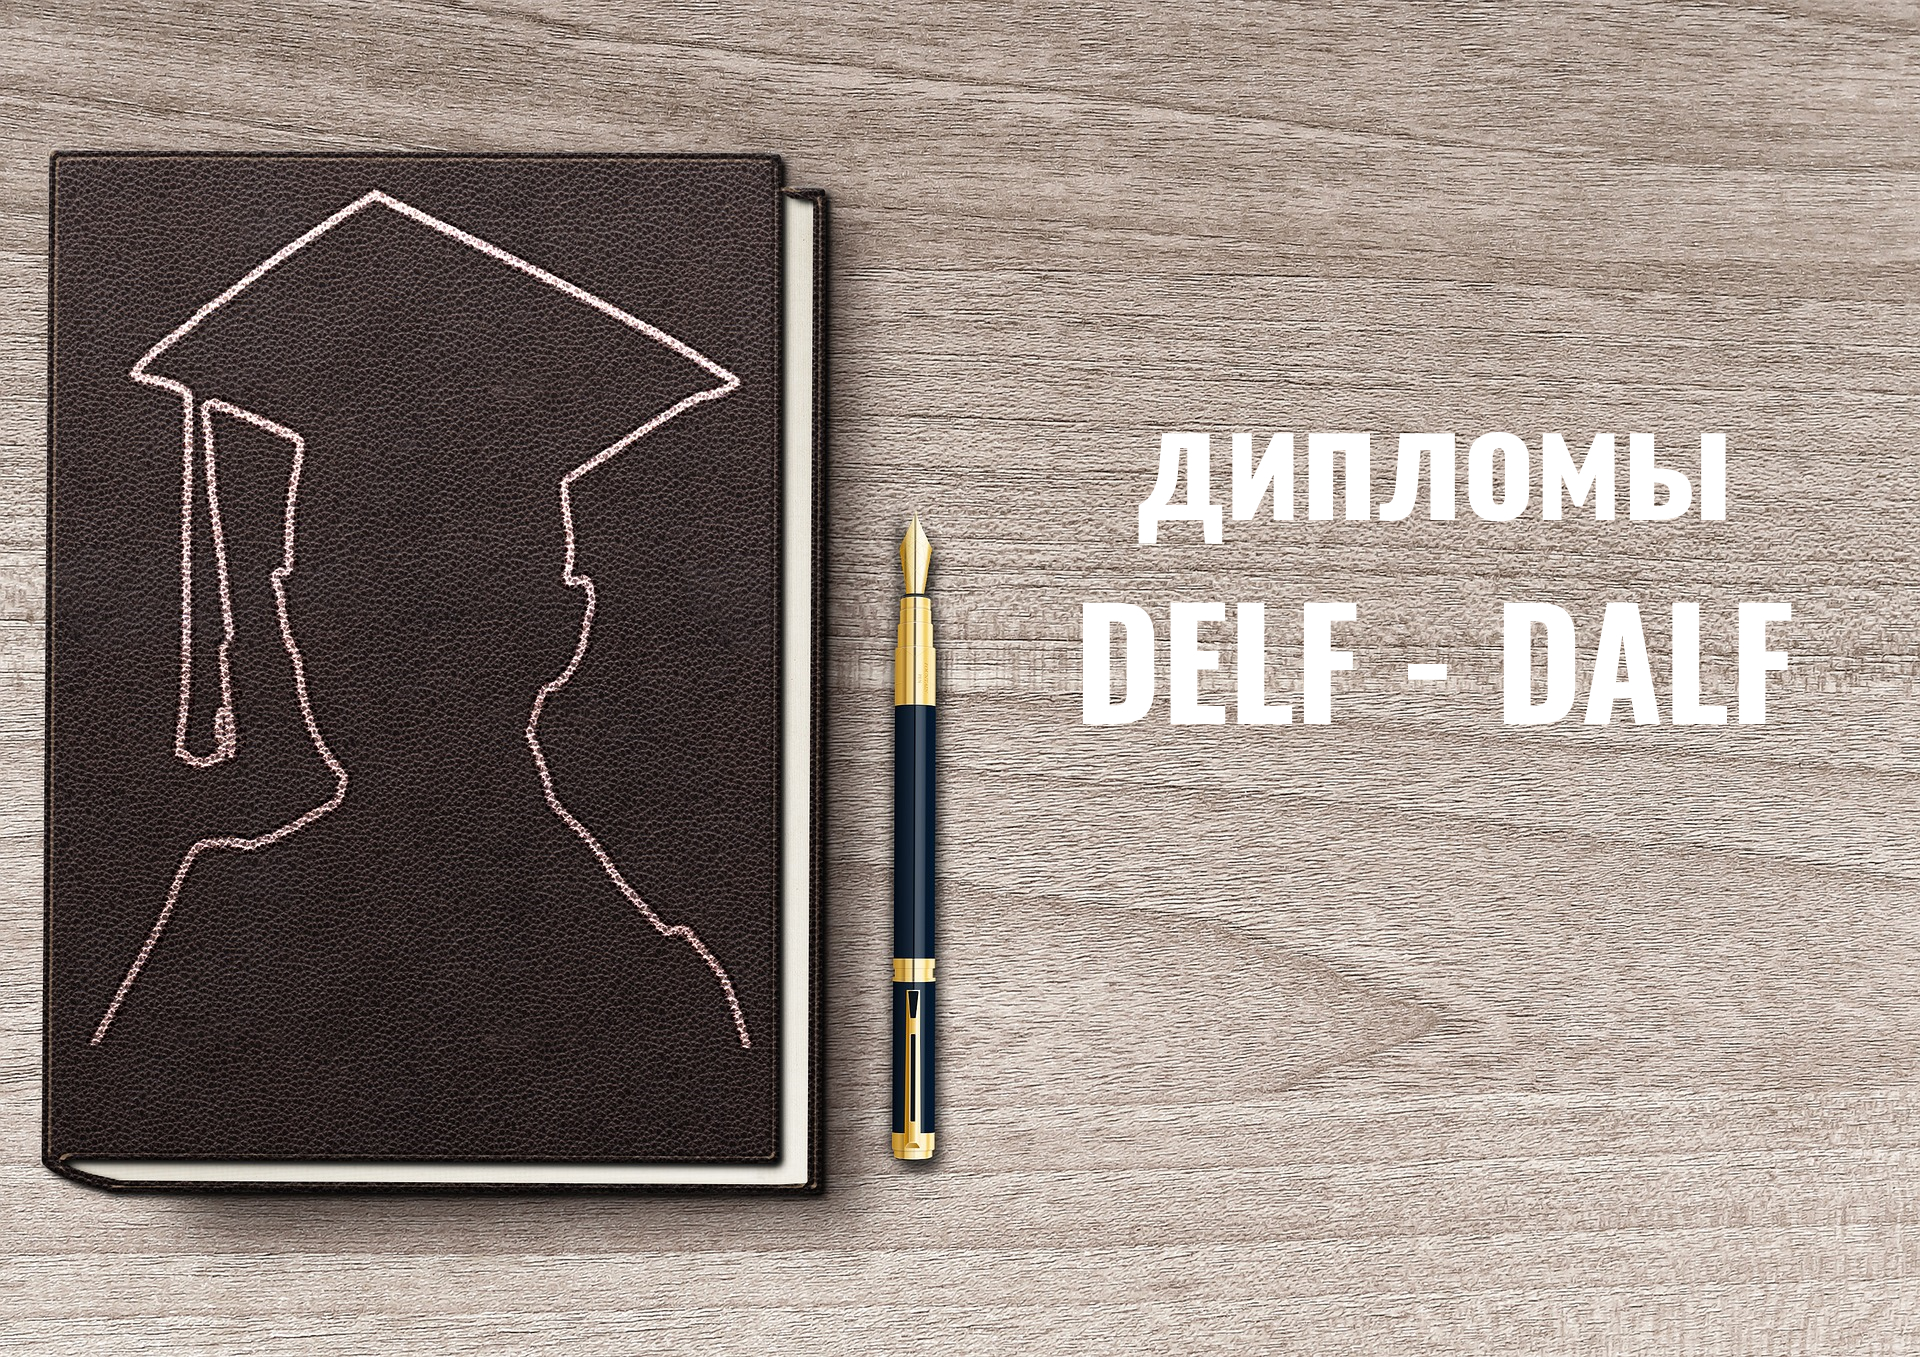 О дипломах  DELF-DALF и изменения в экзаменах с 2020 года